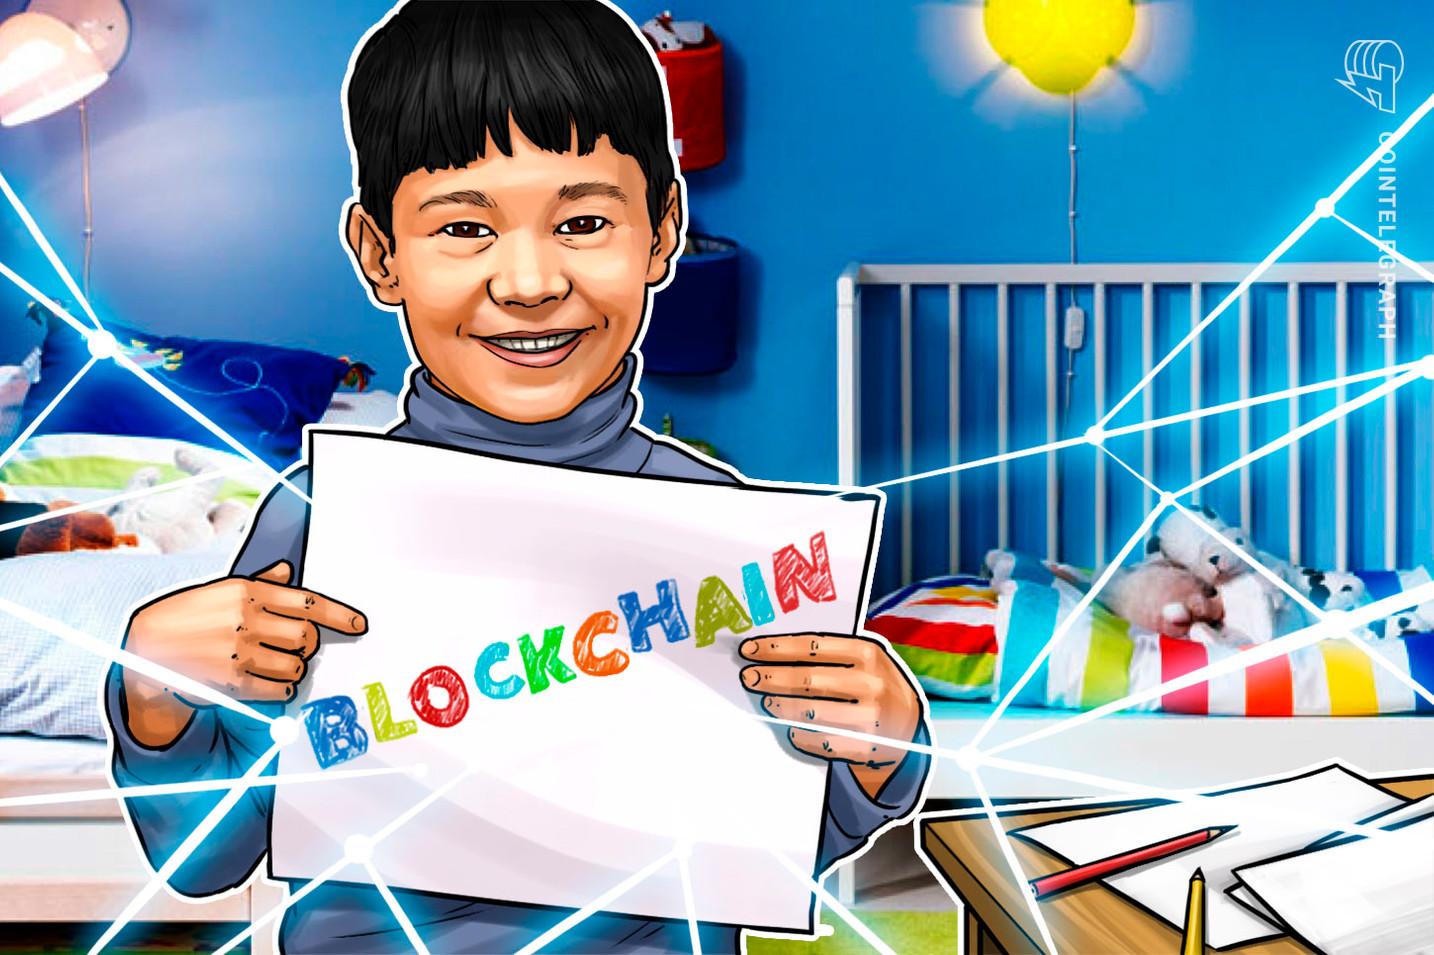 Listas de espera para creches no Cazaquistão serão gerenciadas com blockchain